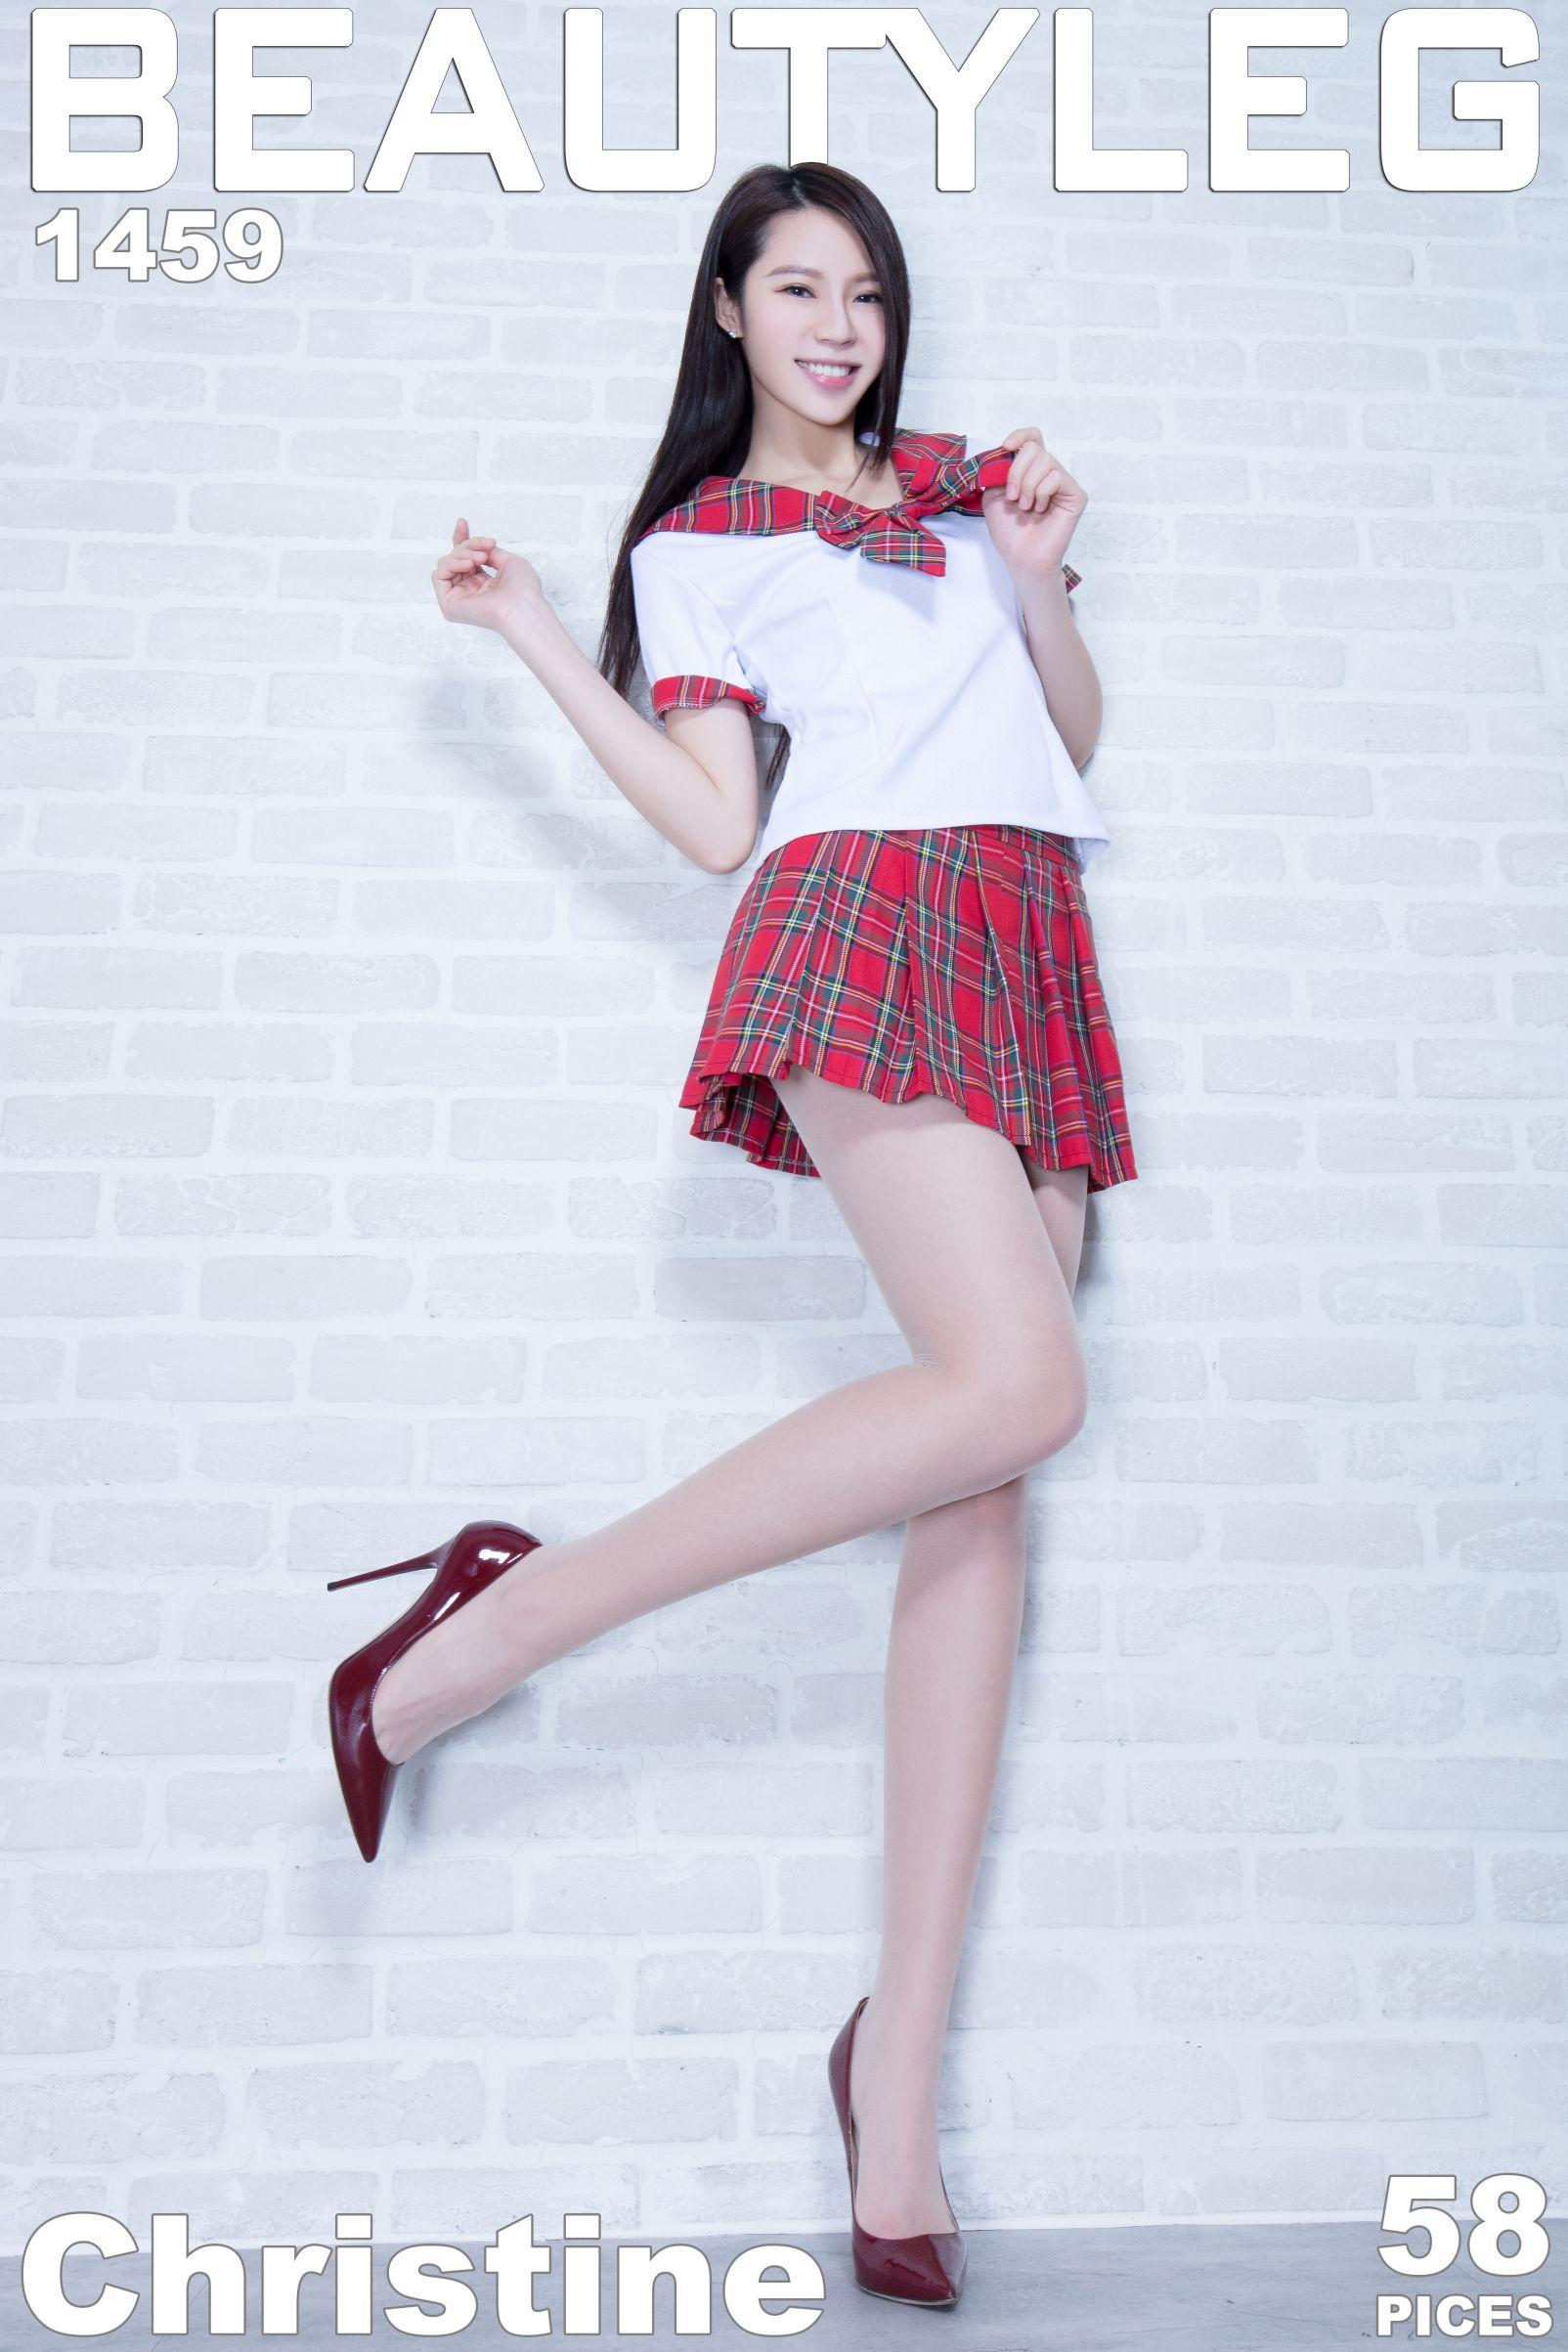 Christine - 超短裙制服美腿